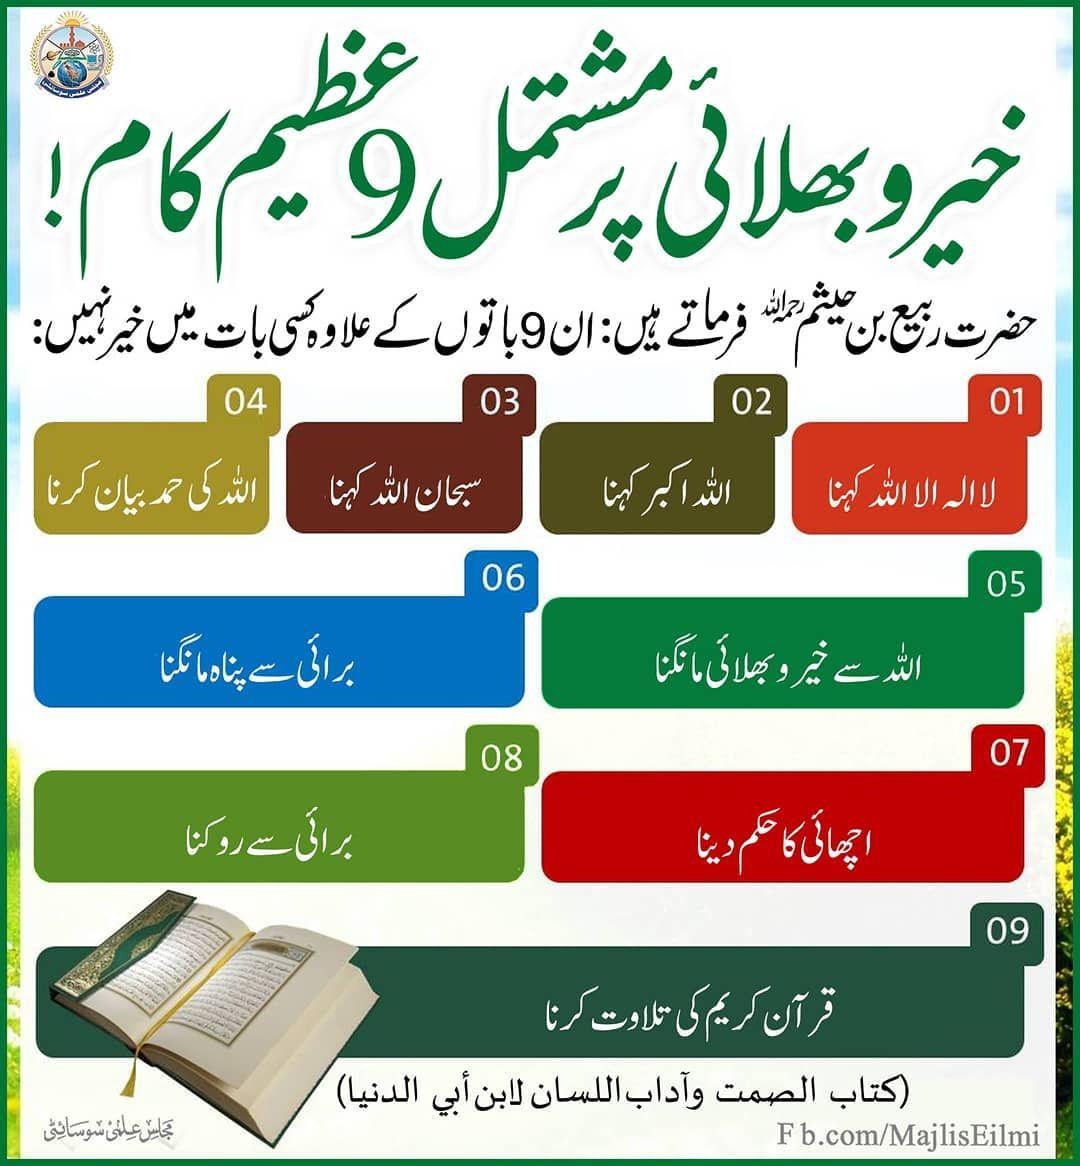 خیر و بھلائی پر مشتمل 9 عظیم کام! Quotes, Islam hadith